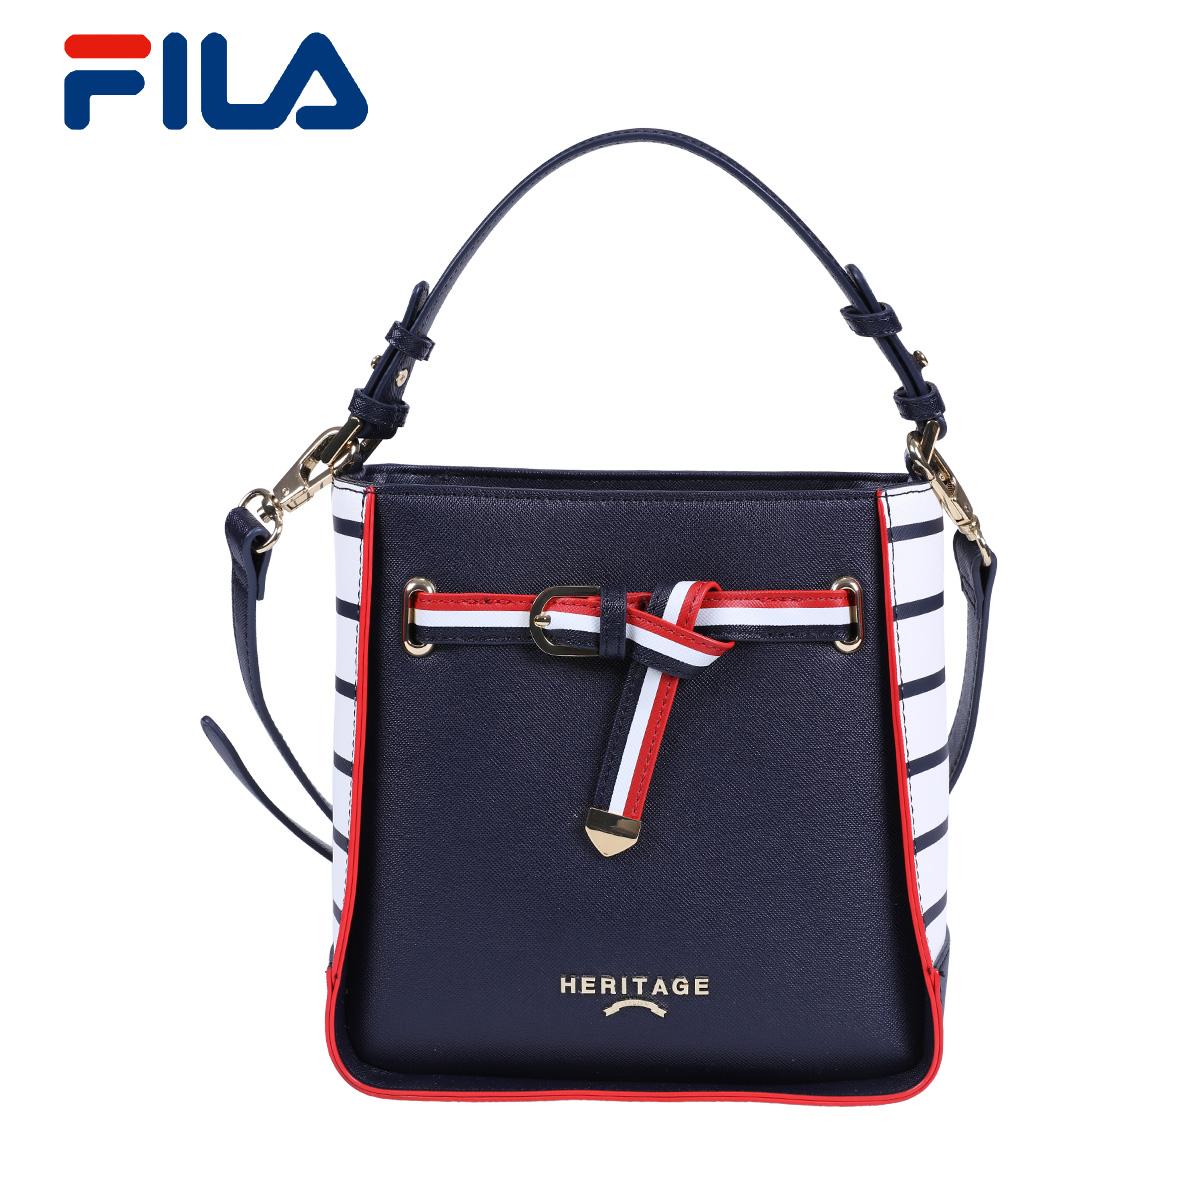 FILA фиджи музыка сумки 2017 новый летний сумки случайный пакет мешок сумка женщина 29721112